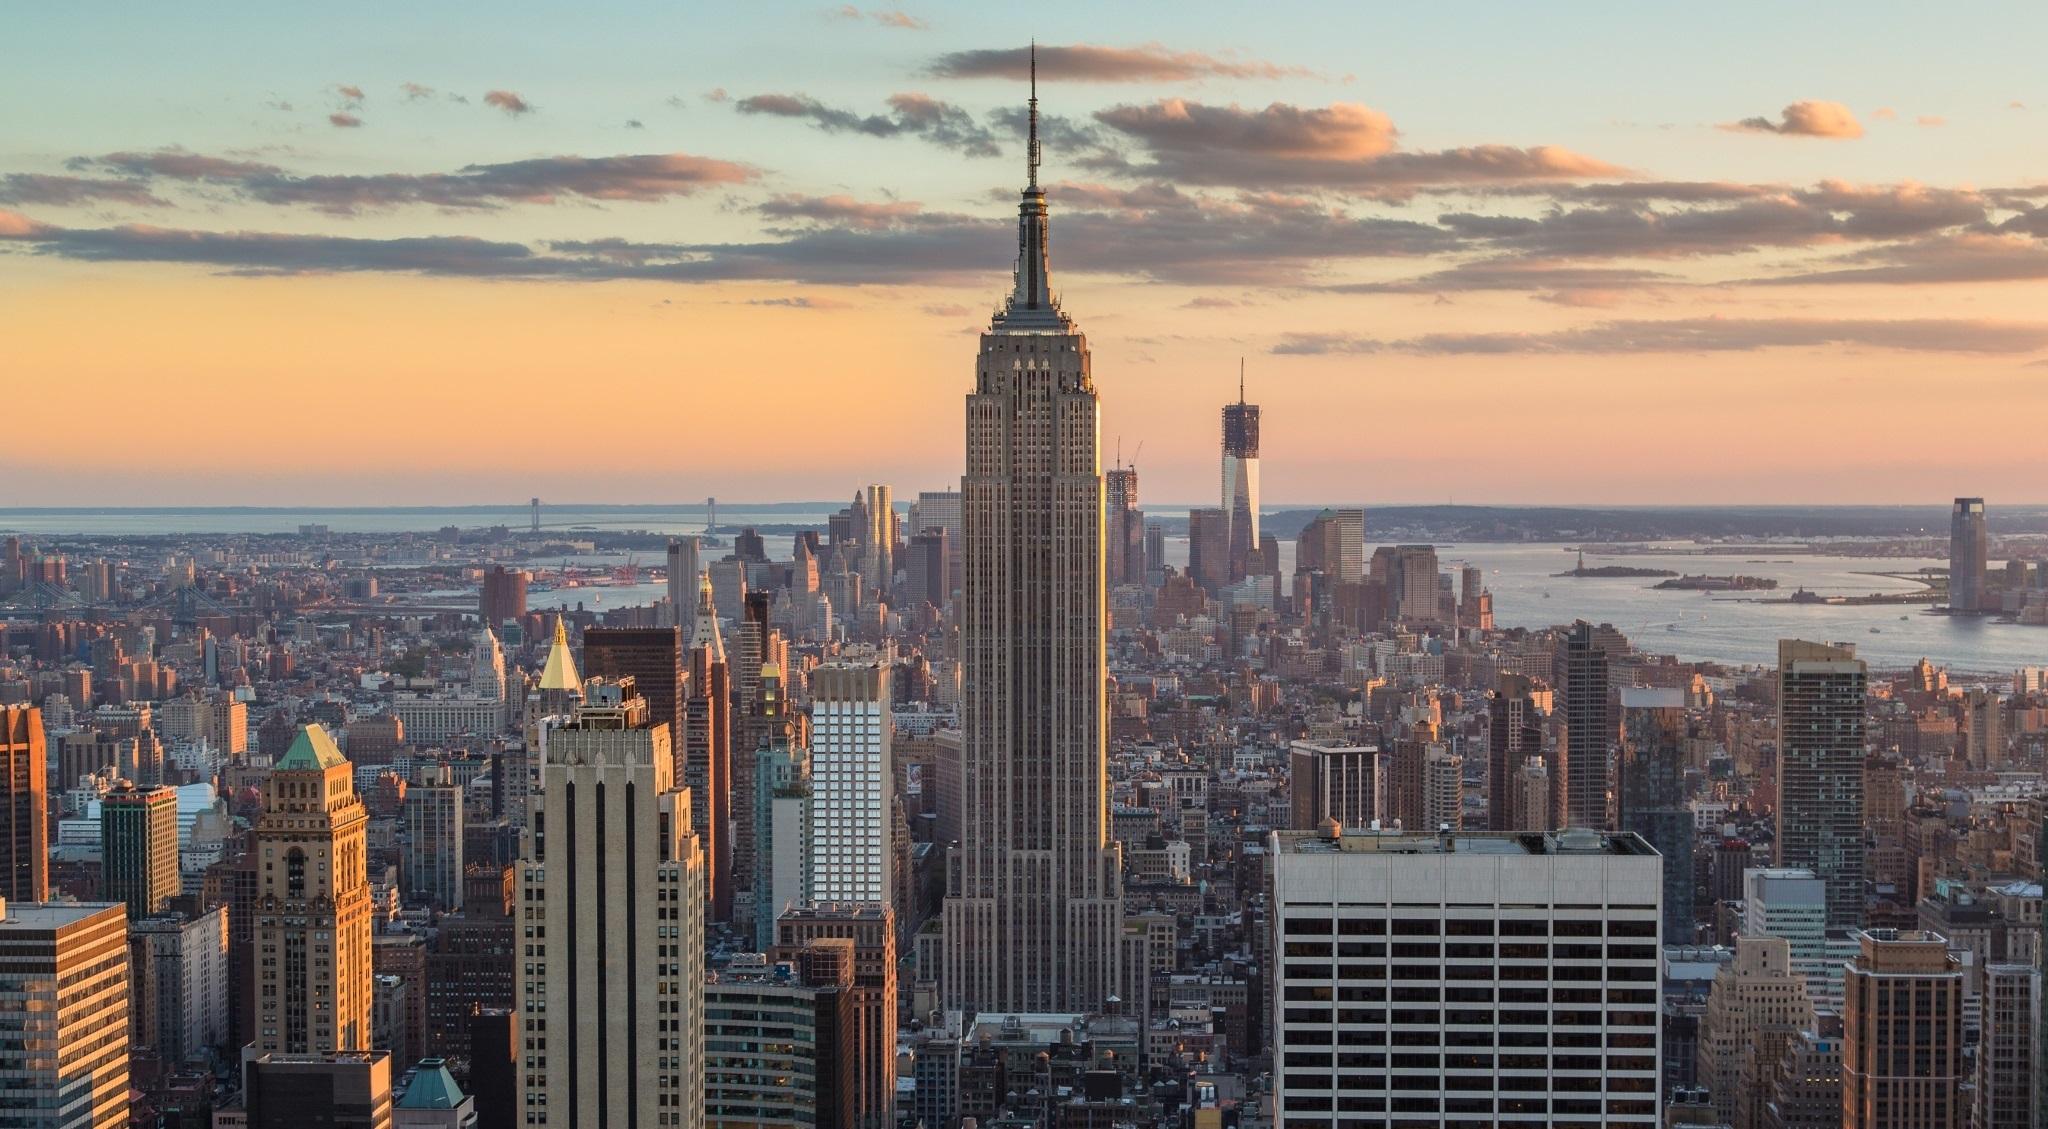 3+1 μέρη που πρέπει να επισκεφτείς στη Νέα Υόρκη